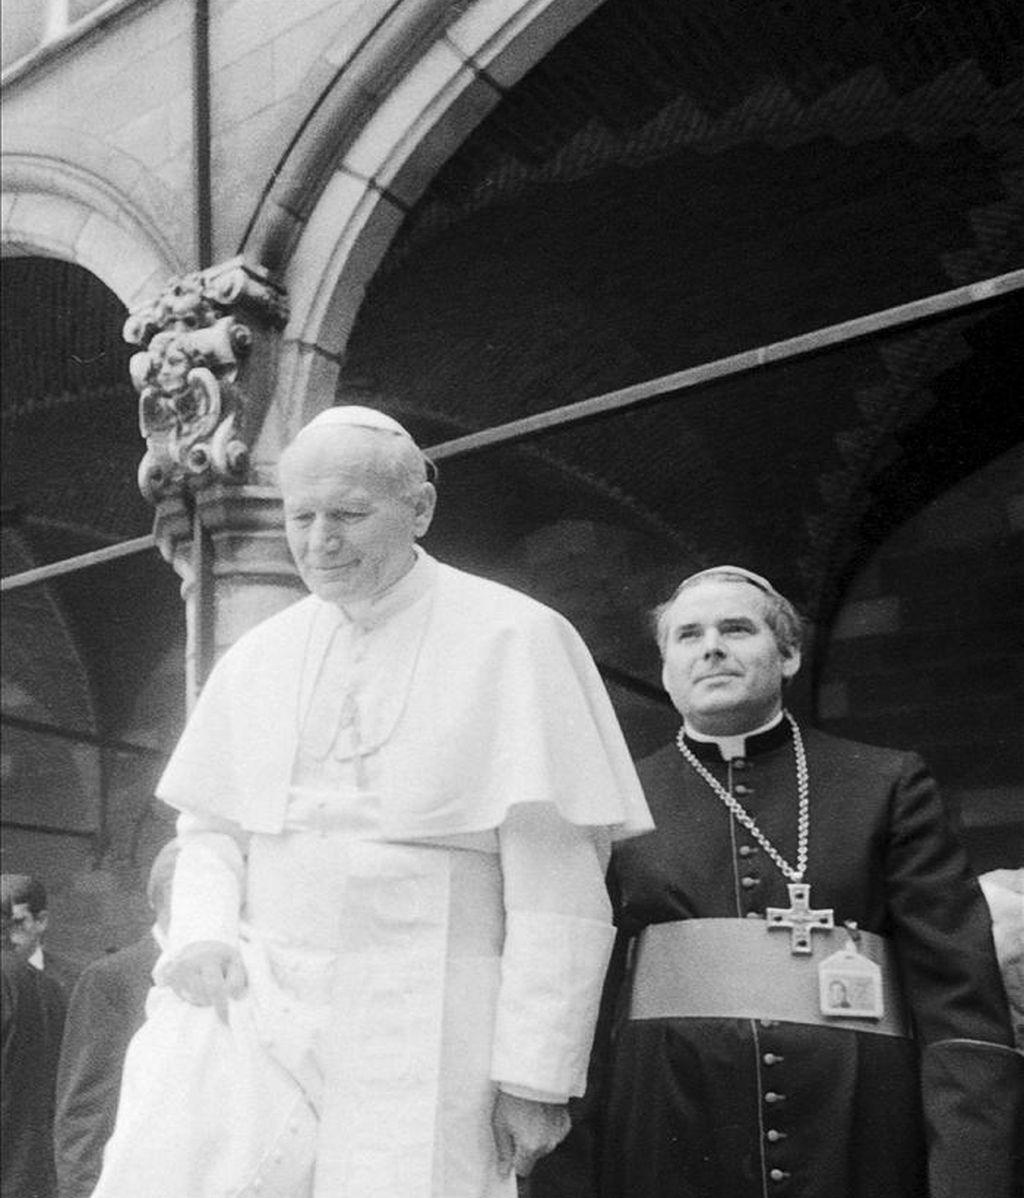 Fotografía de archivo tomada el 17 de mayo de 1985 que muestra al obispo de Brujas Roger Joseph Vangheluwe (d) junto al papa Juan Pablo II durante la visita de este último a la localidad de Ypres (Bélgica). EFE/Archivo